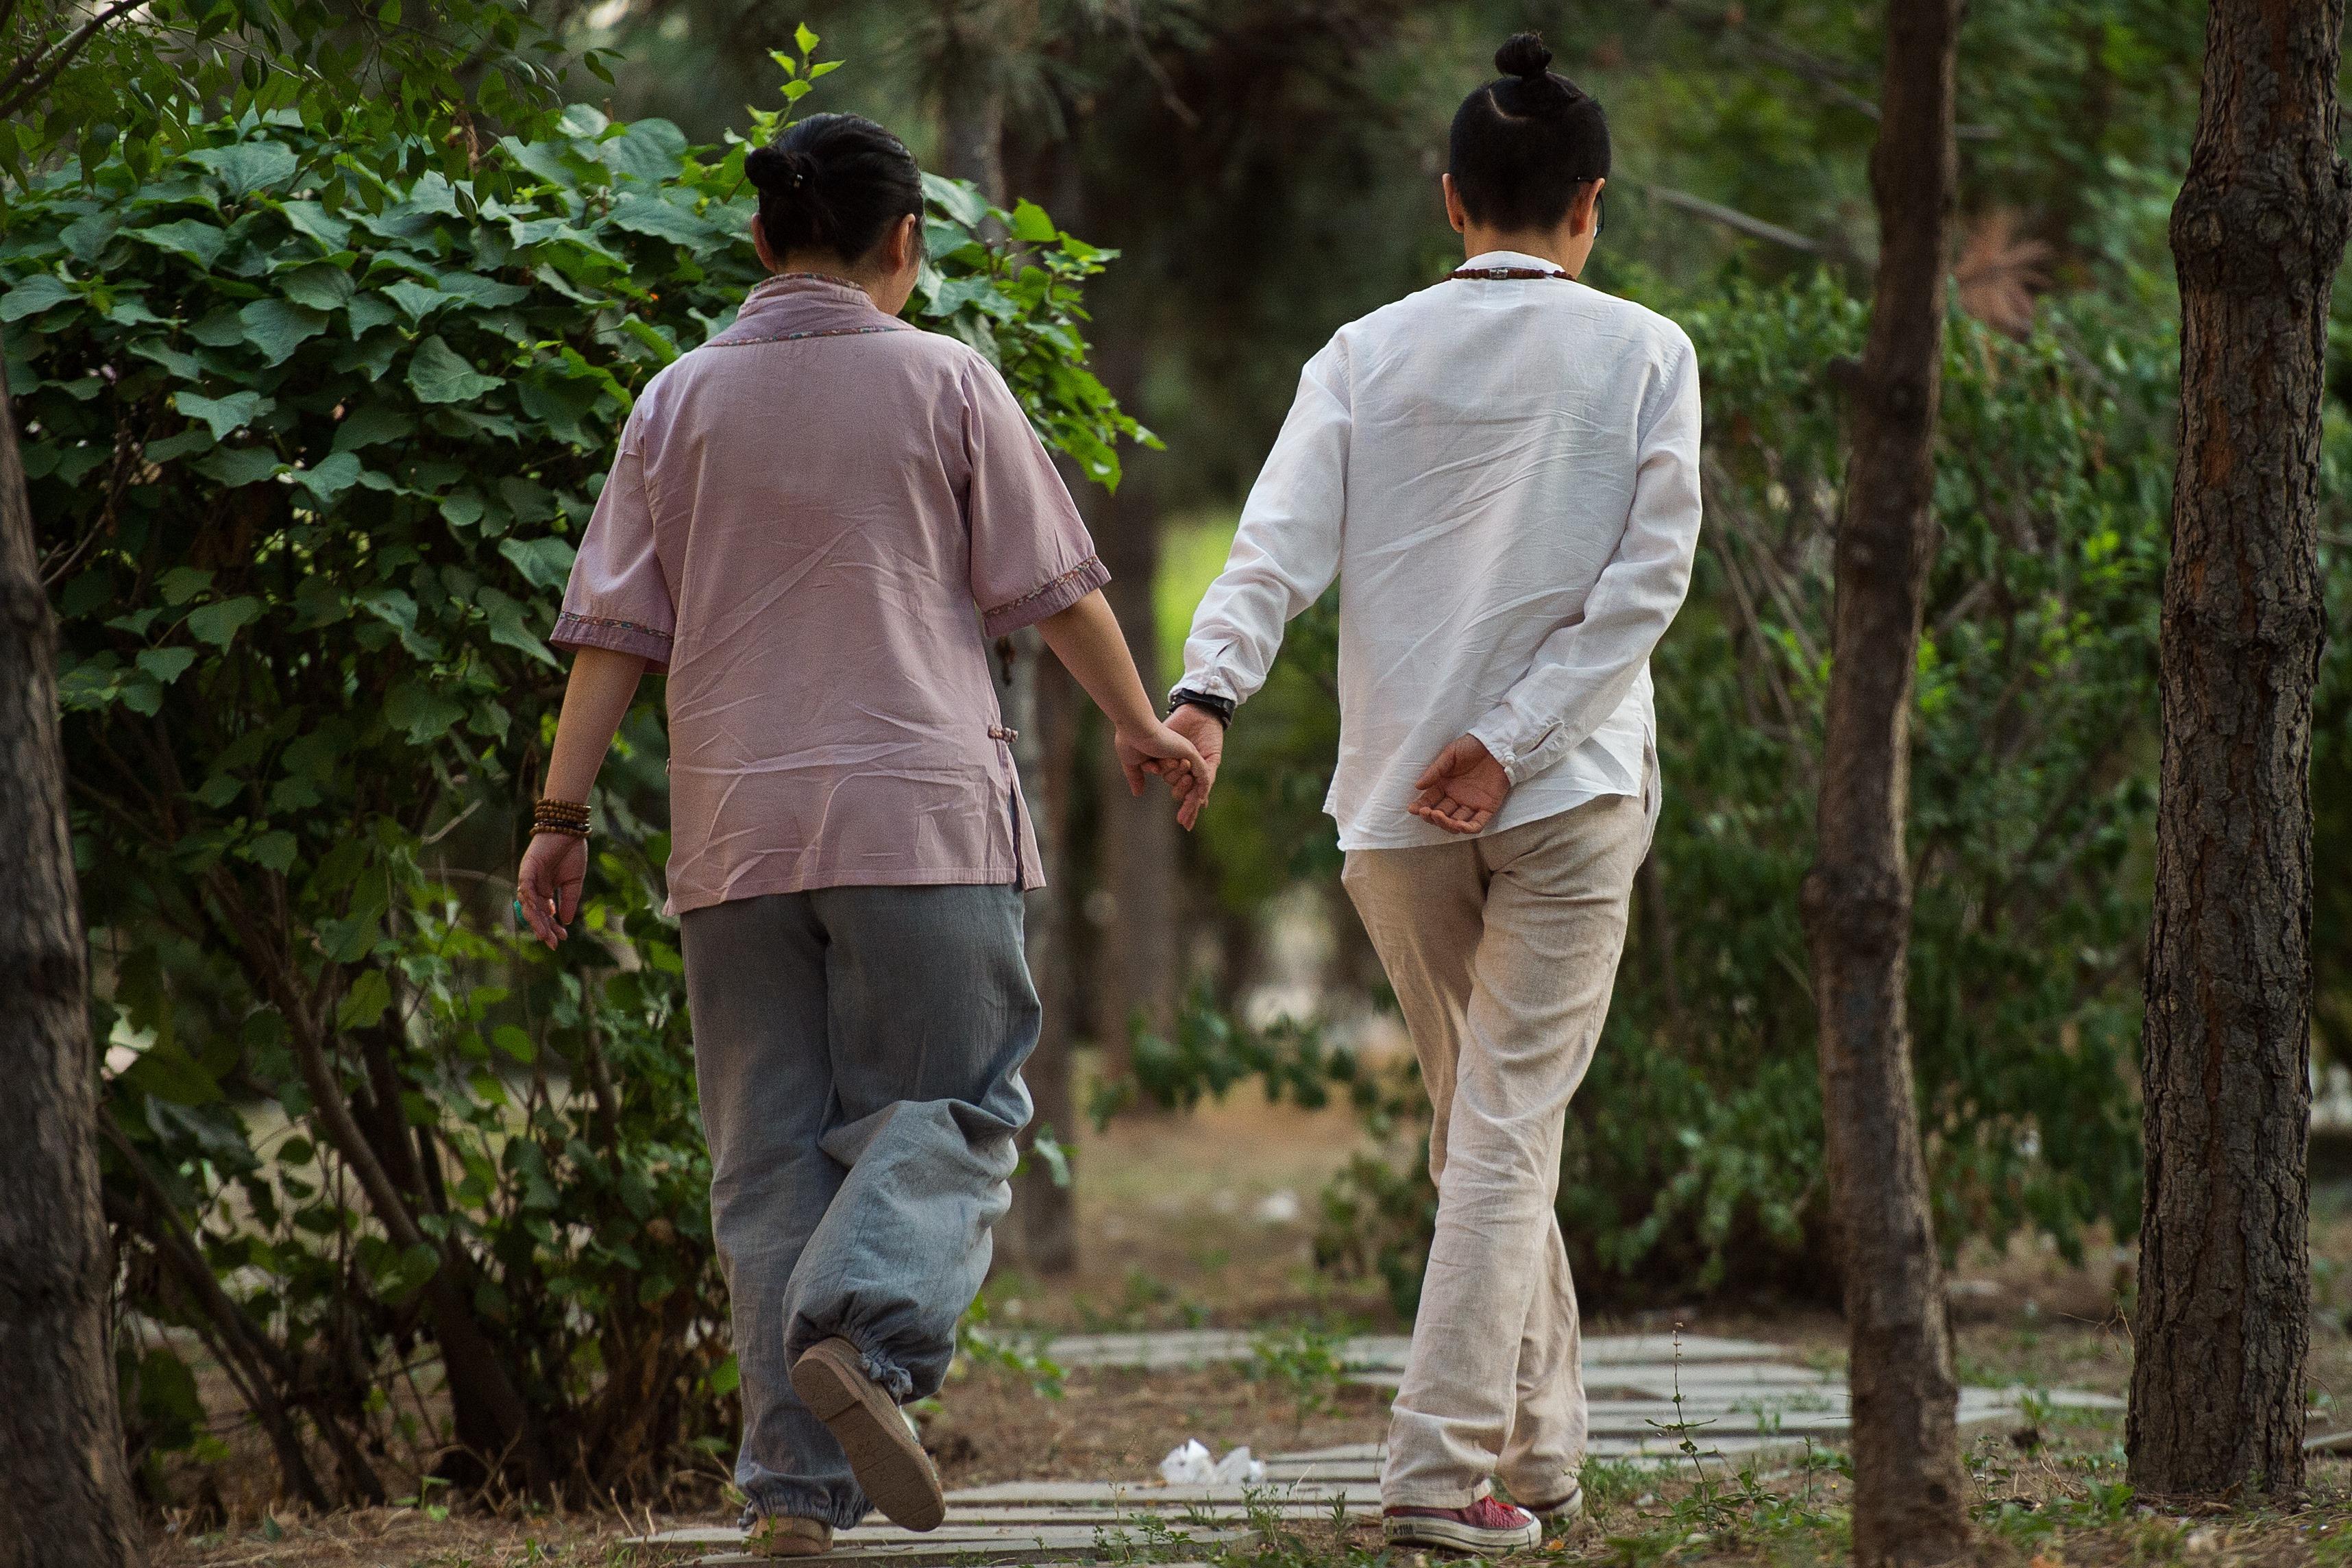 DOUNIAMAG-CHINA-GAY-MARRIAGE